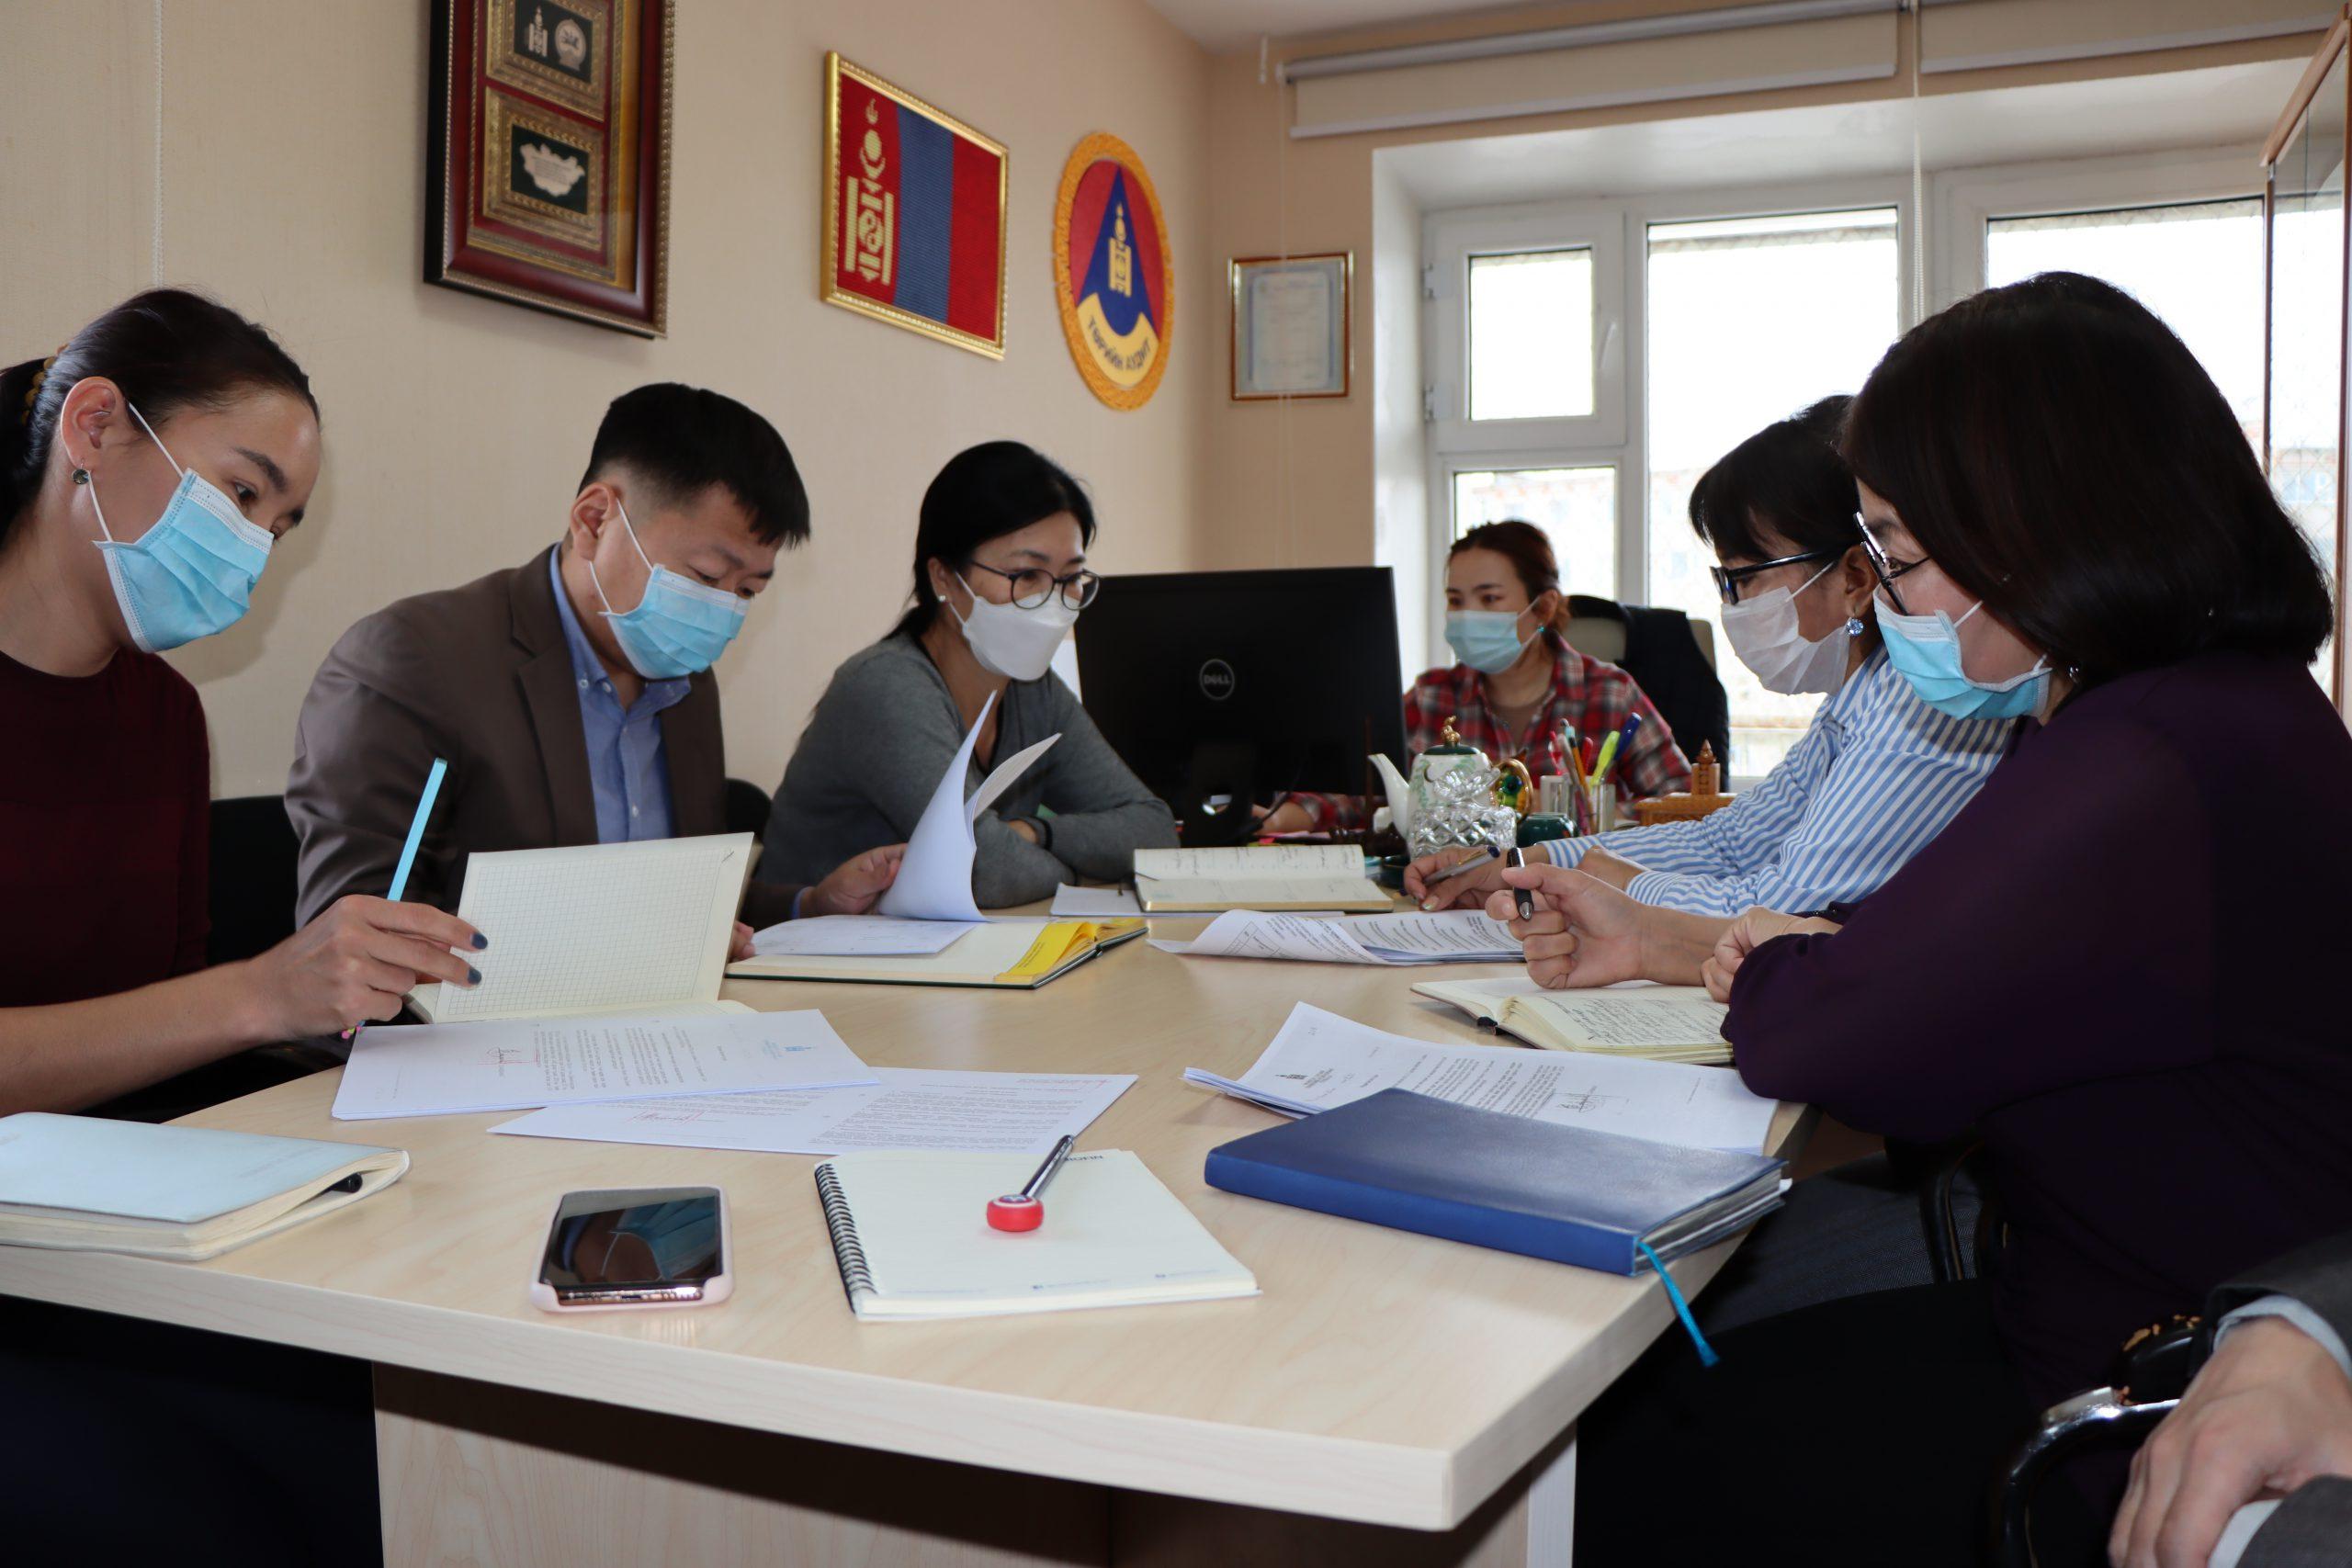 Дорнод аймаг дахь Төрийн аудитын газрын хамт олон А/95 болон А/106 дугаар тушаалаар батлагдсан журмын танилцуулга хийлээ.